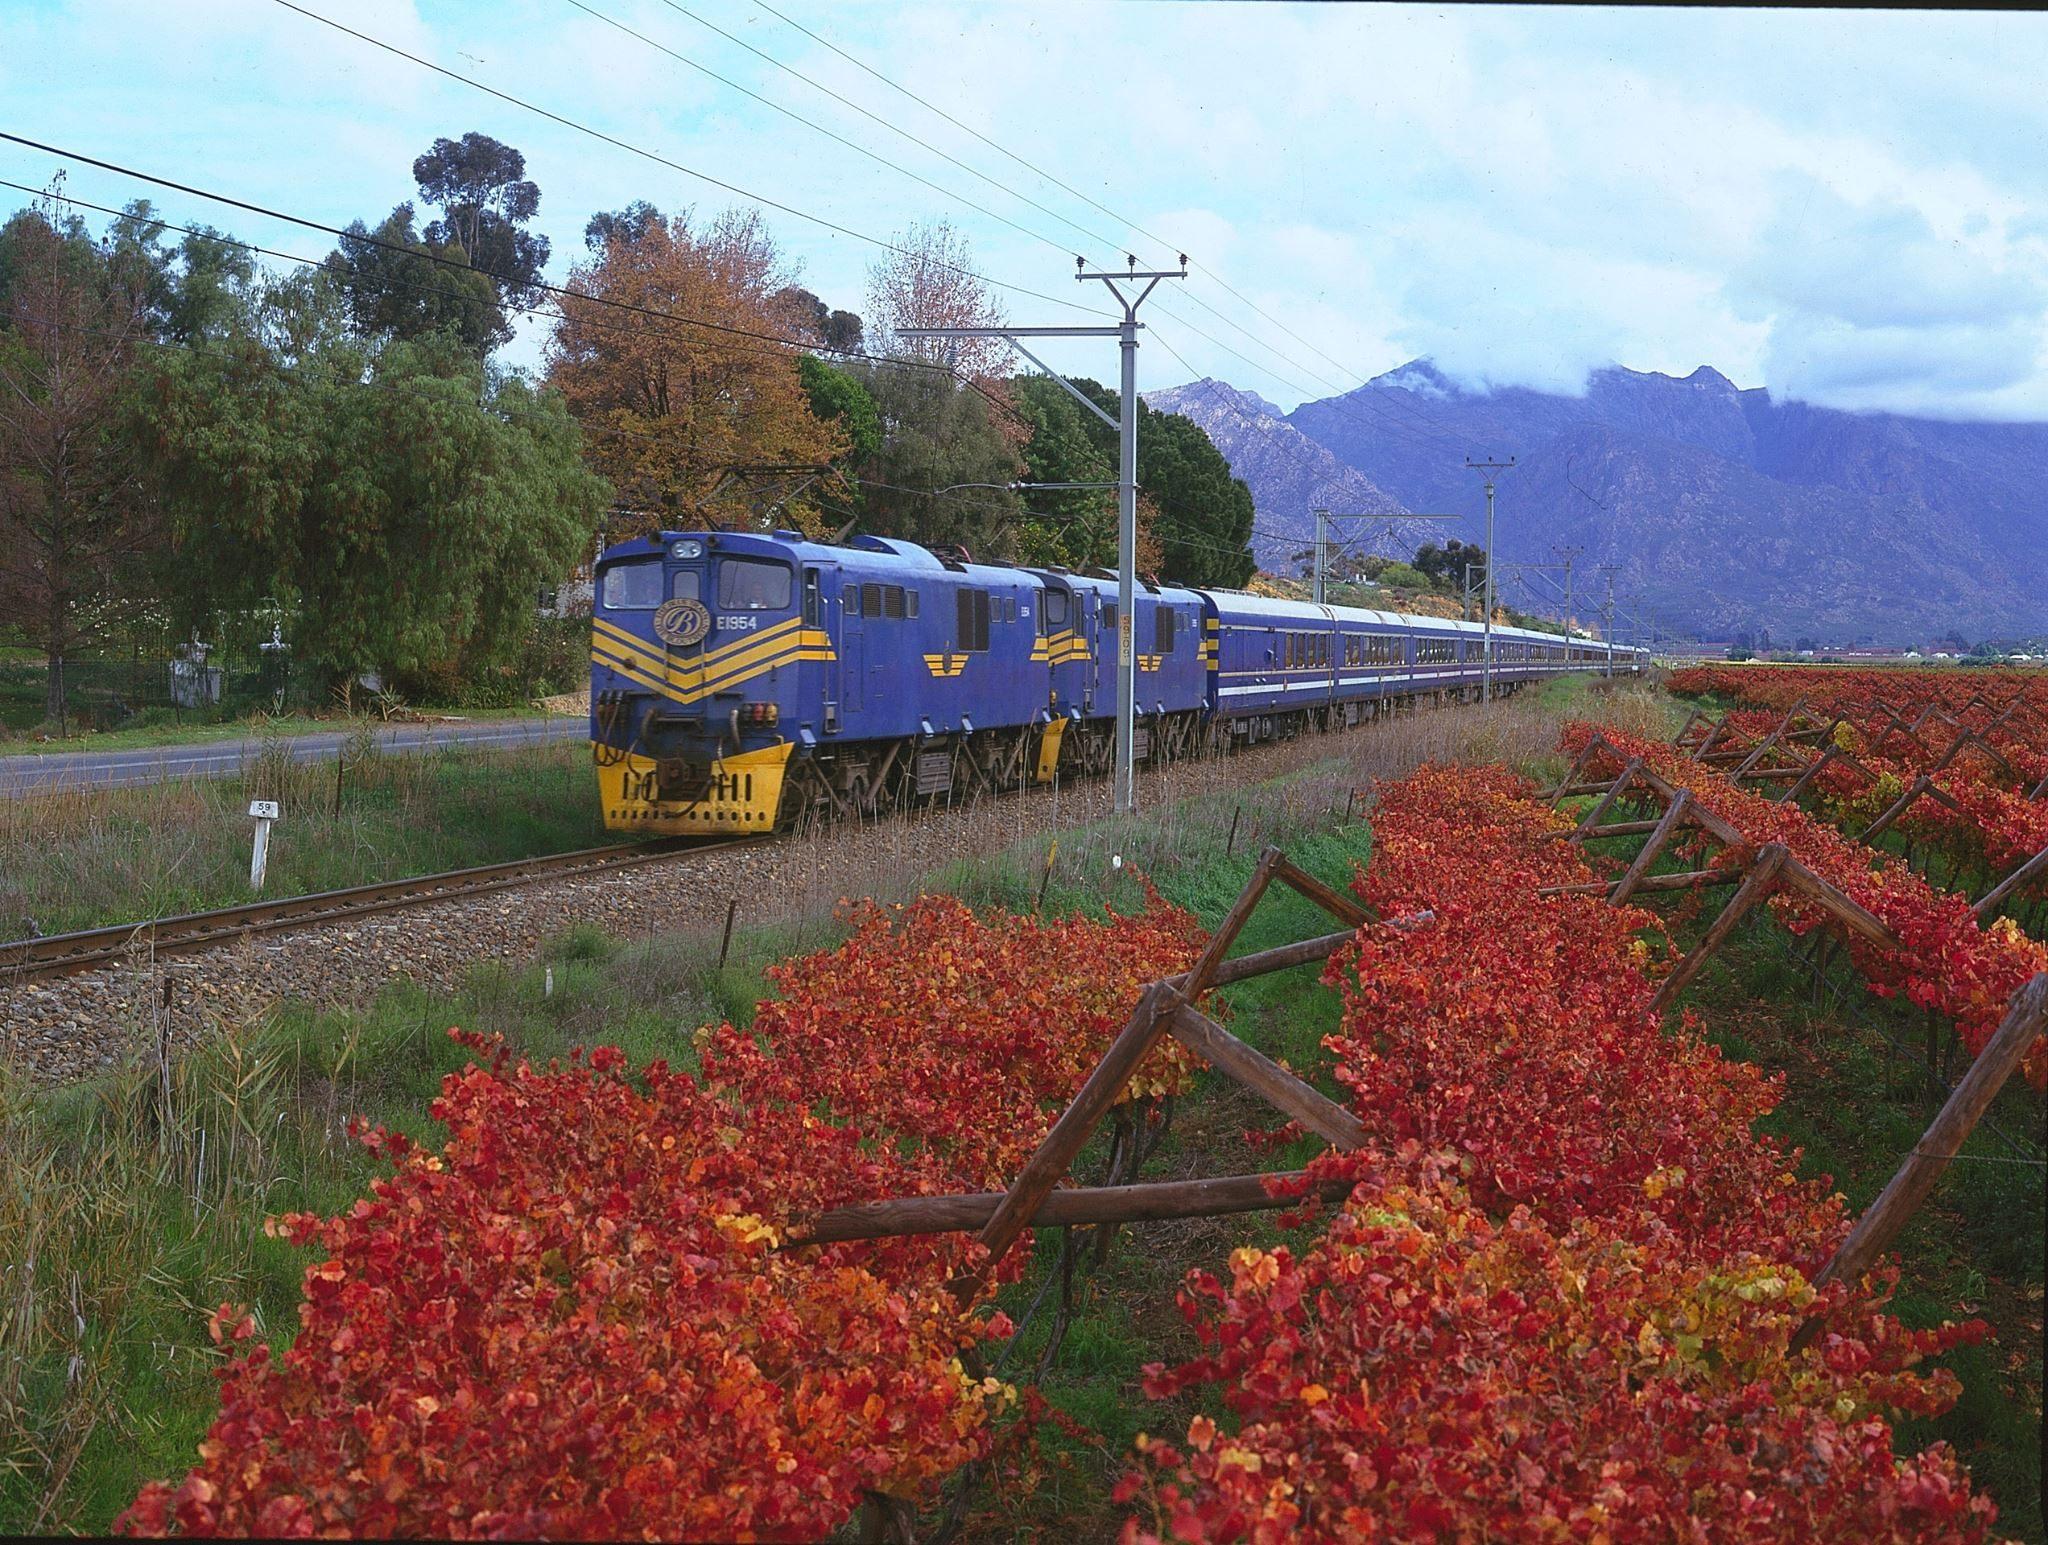 4. Le Train Bleu